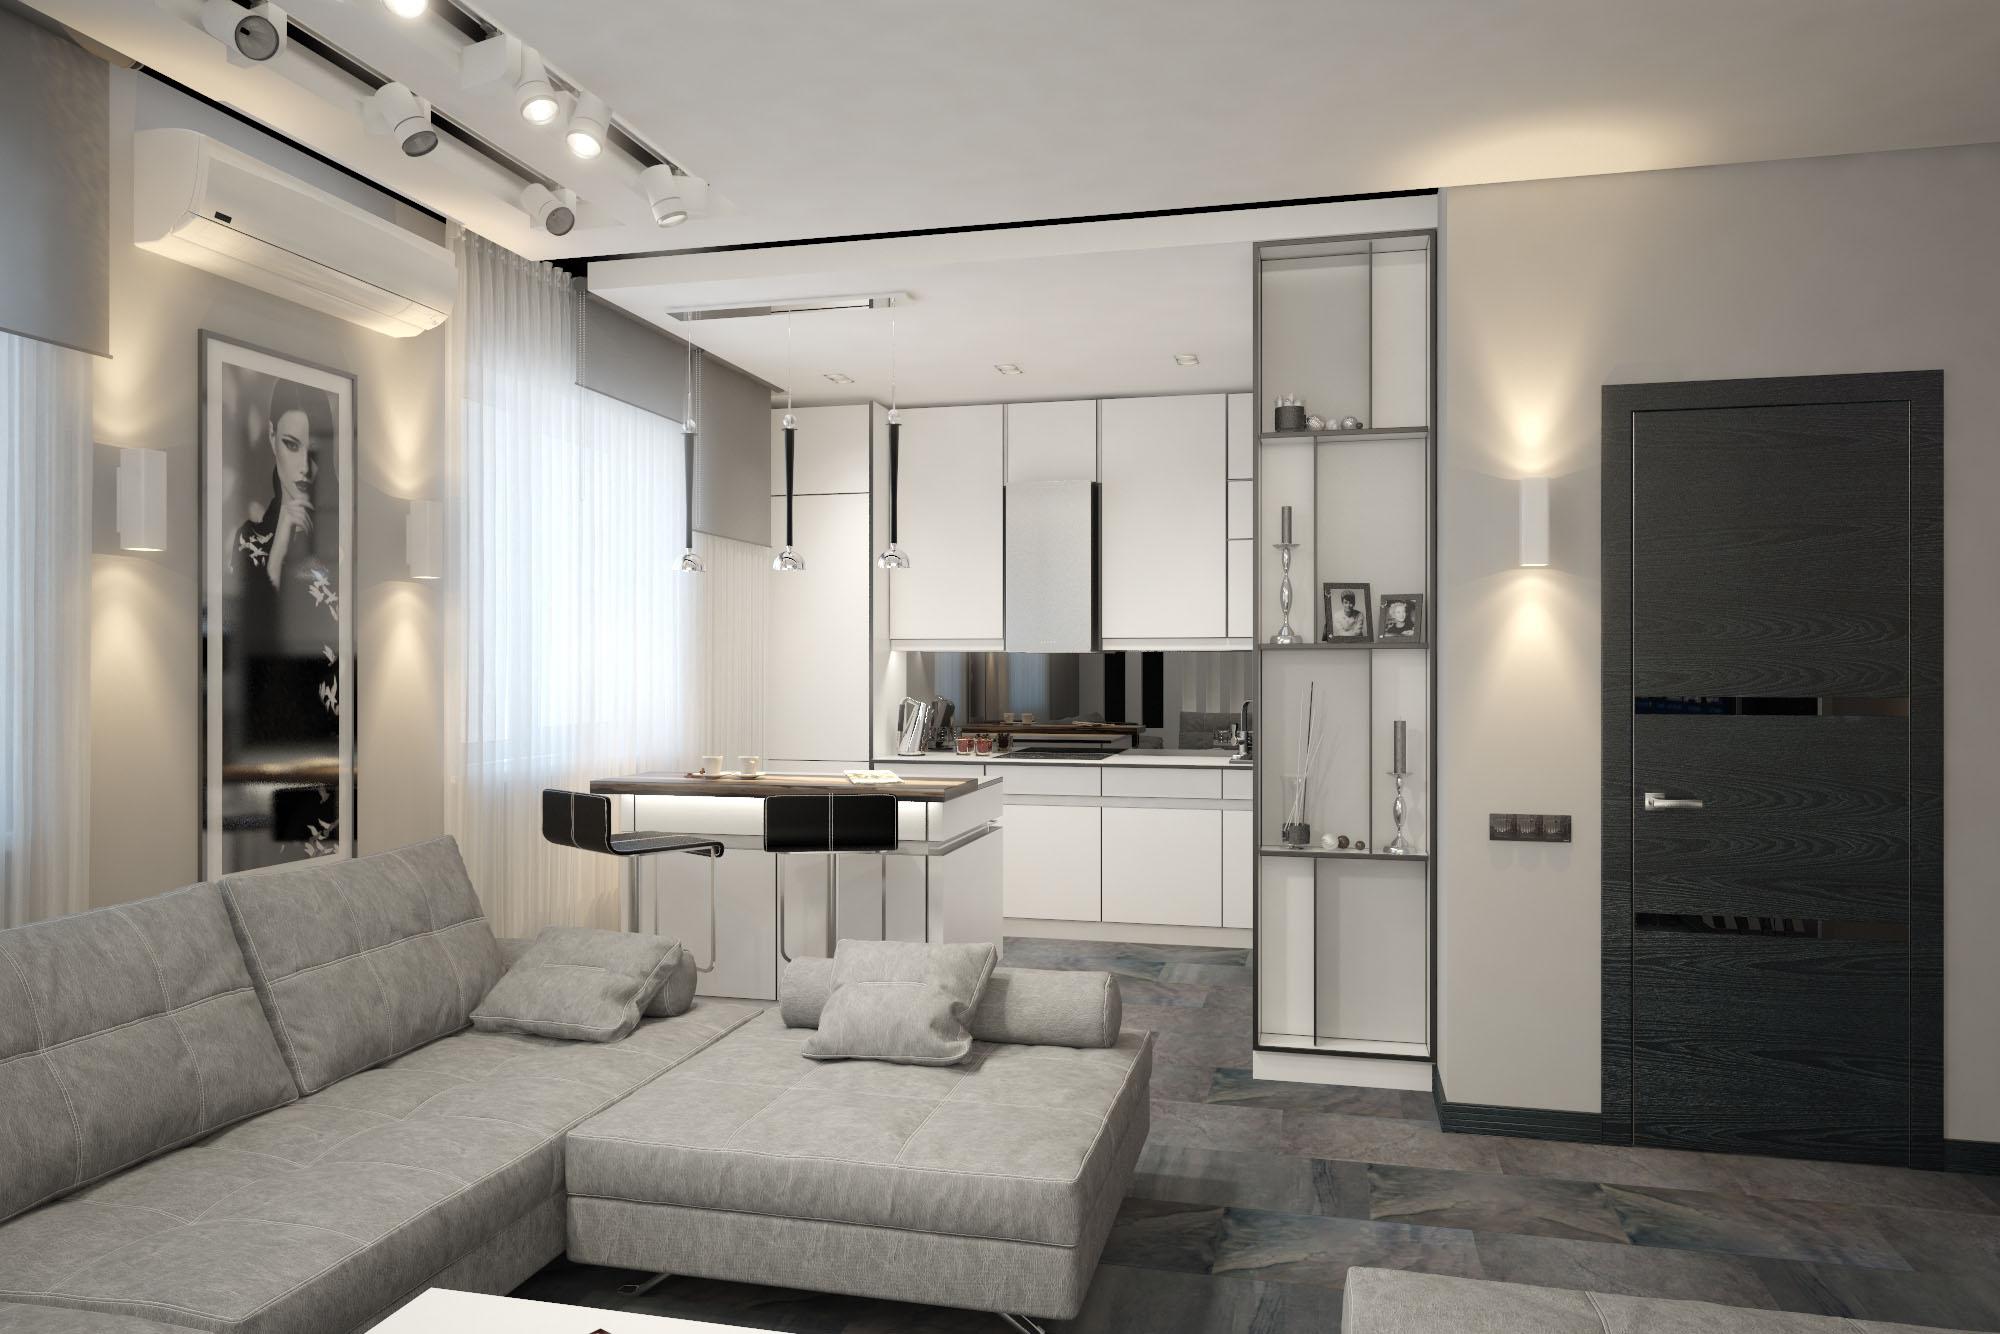 Интерьер квартиры с торшером